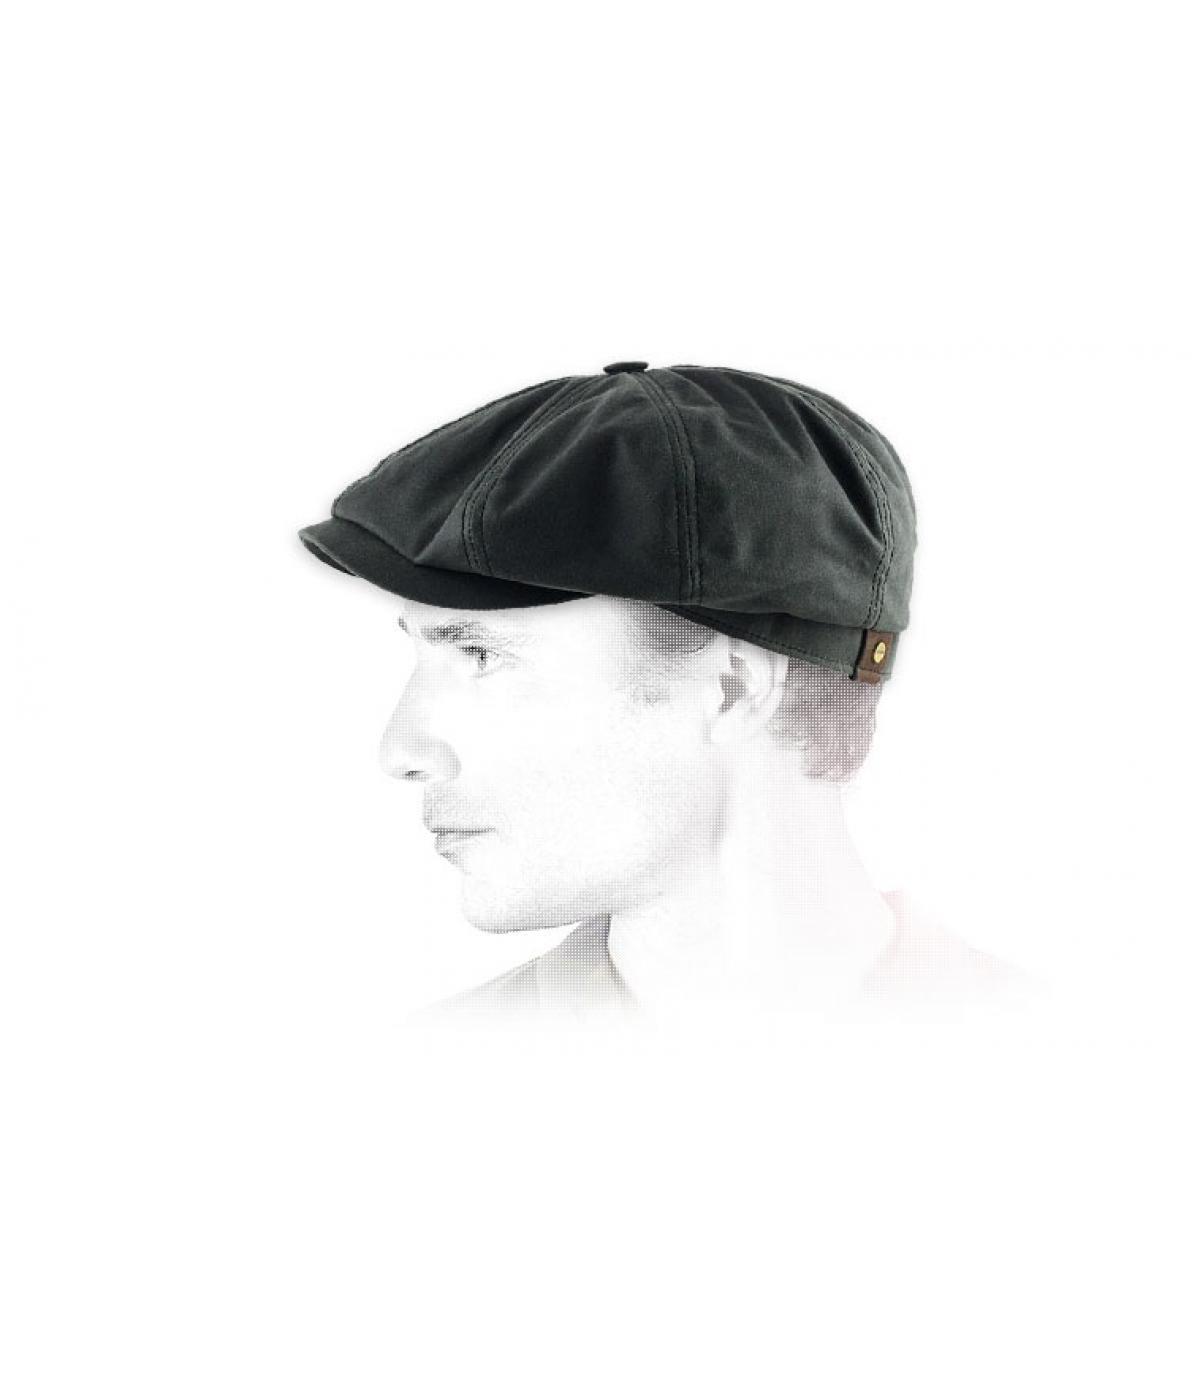 Détails Hatteras noir coton huilé - image 2